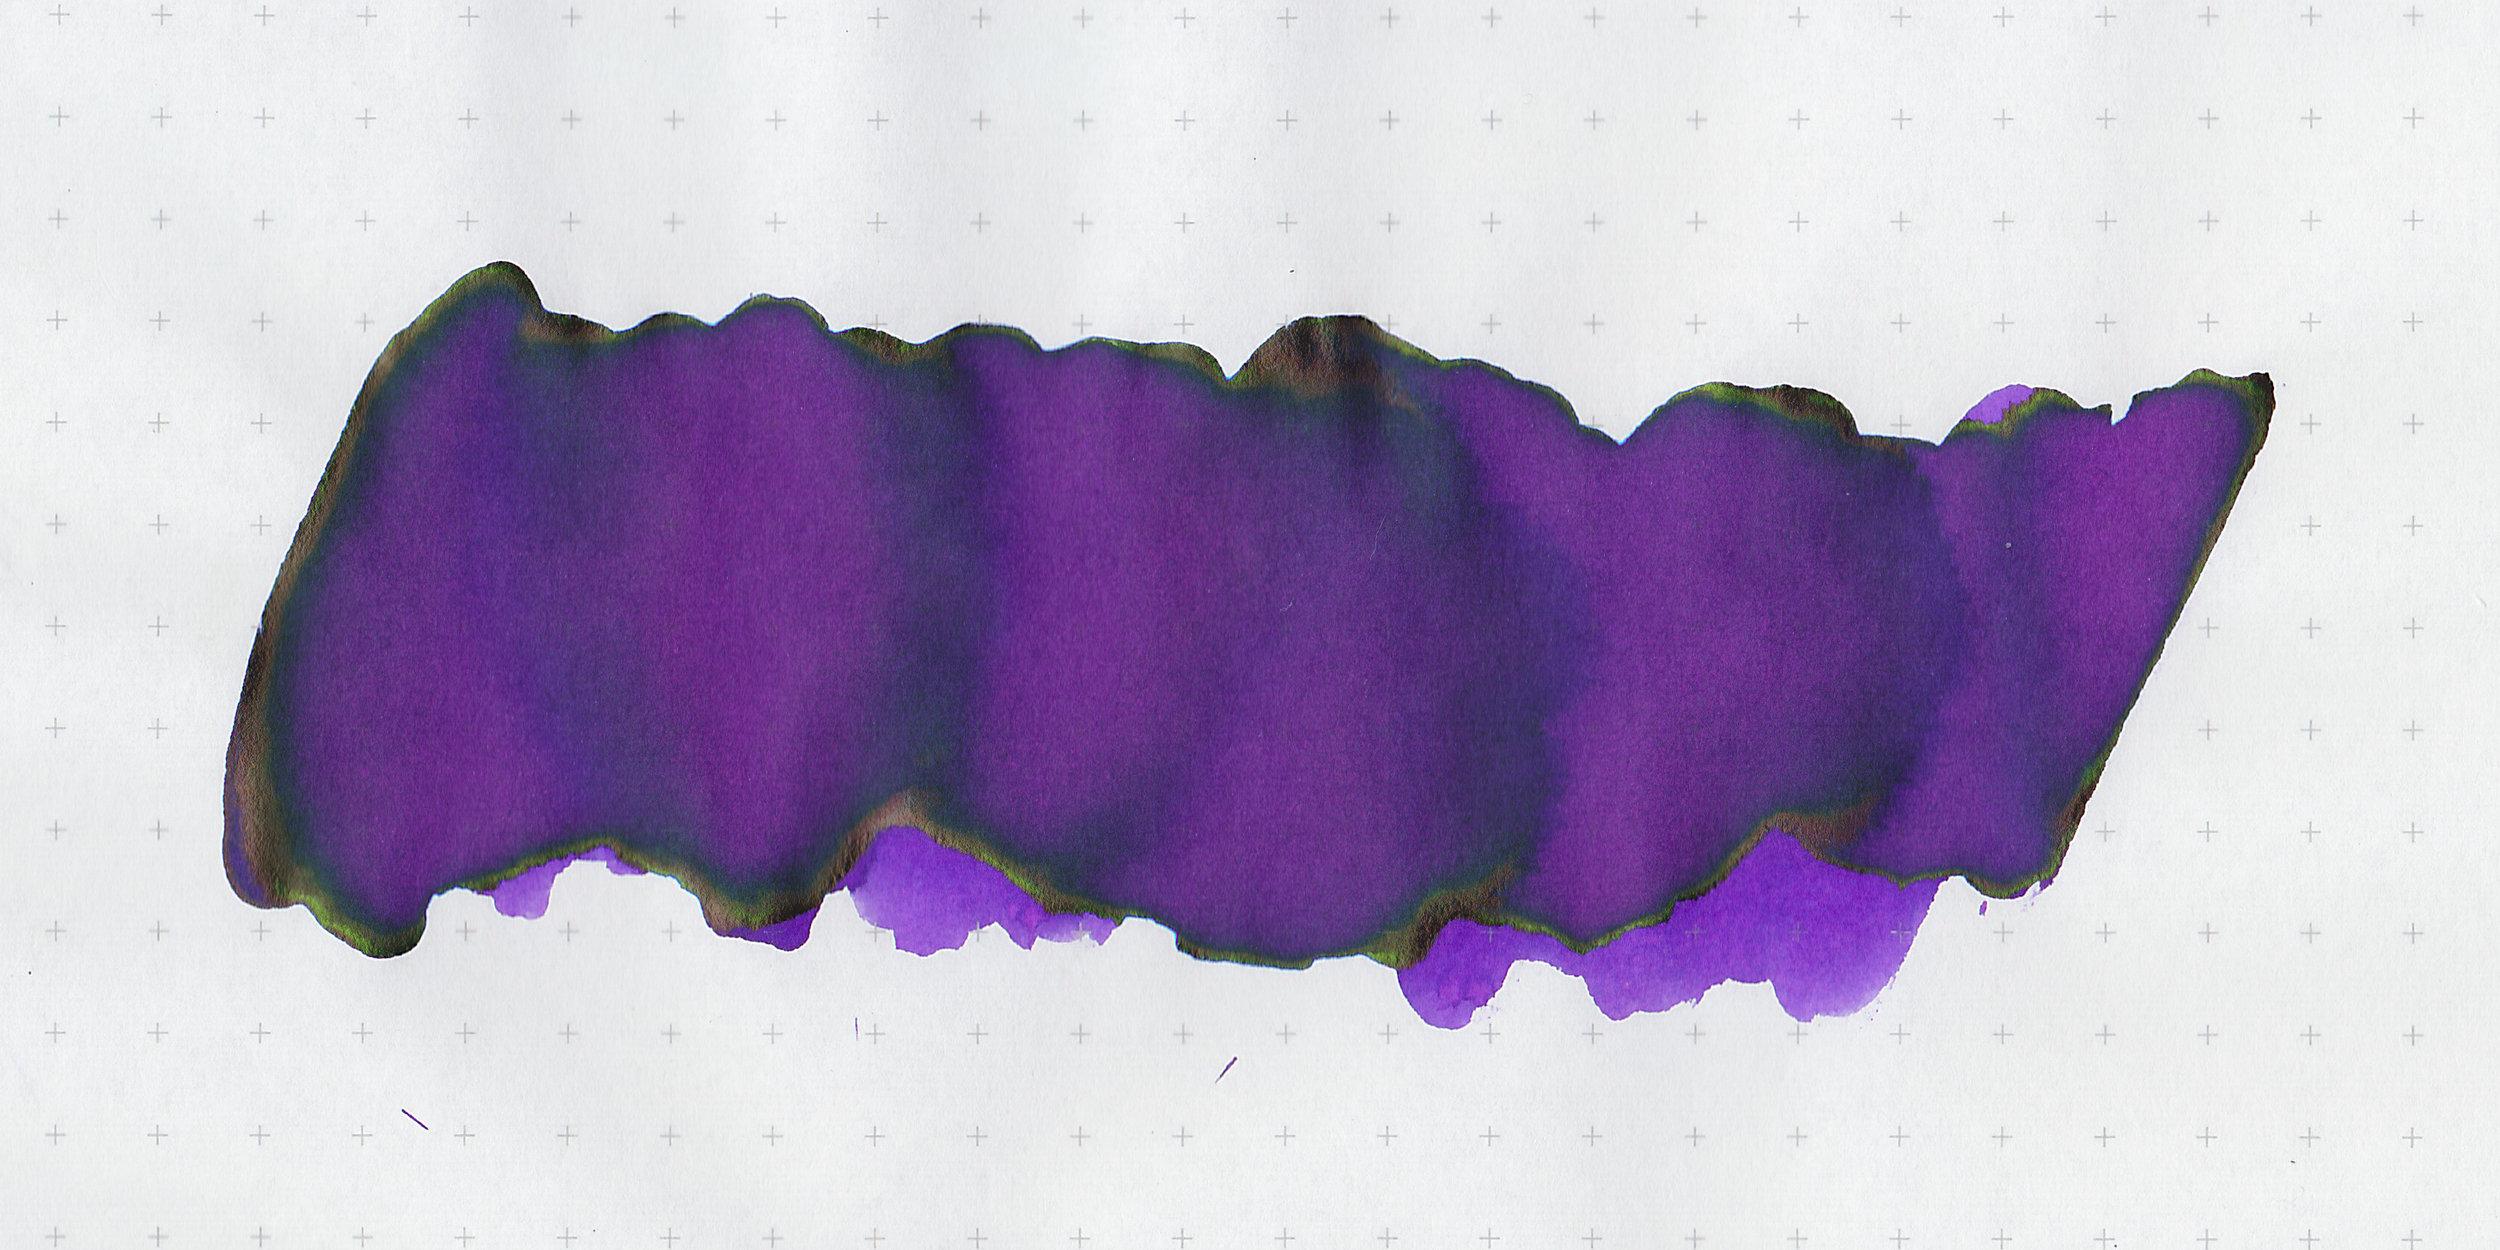 mv-mulberry-noir-3.jpg